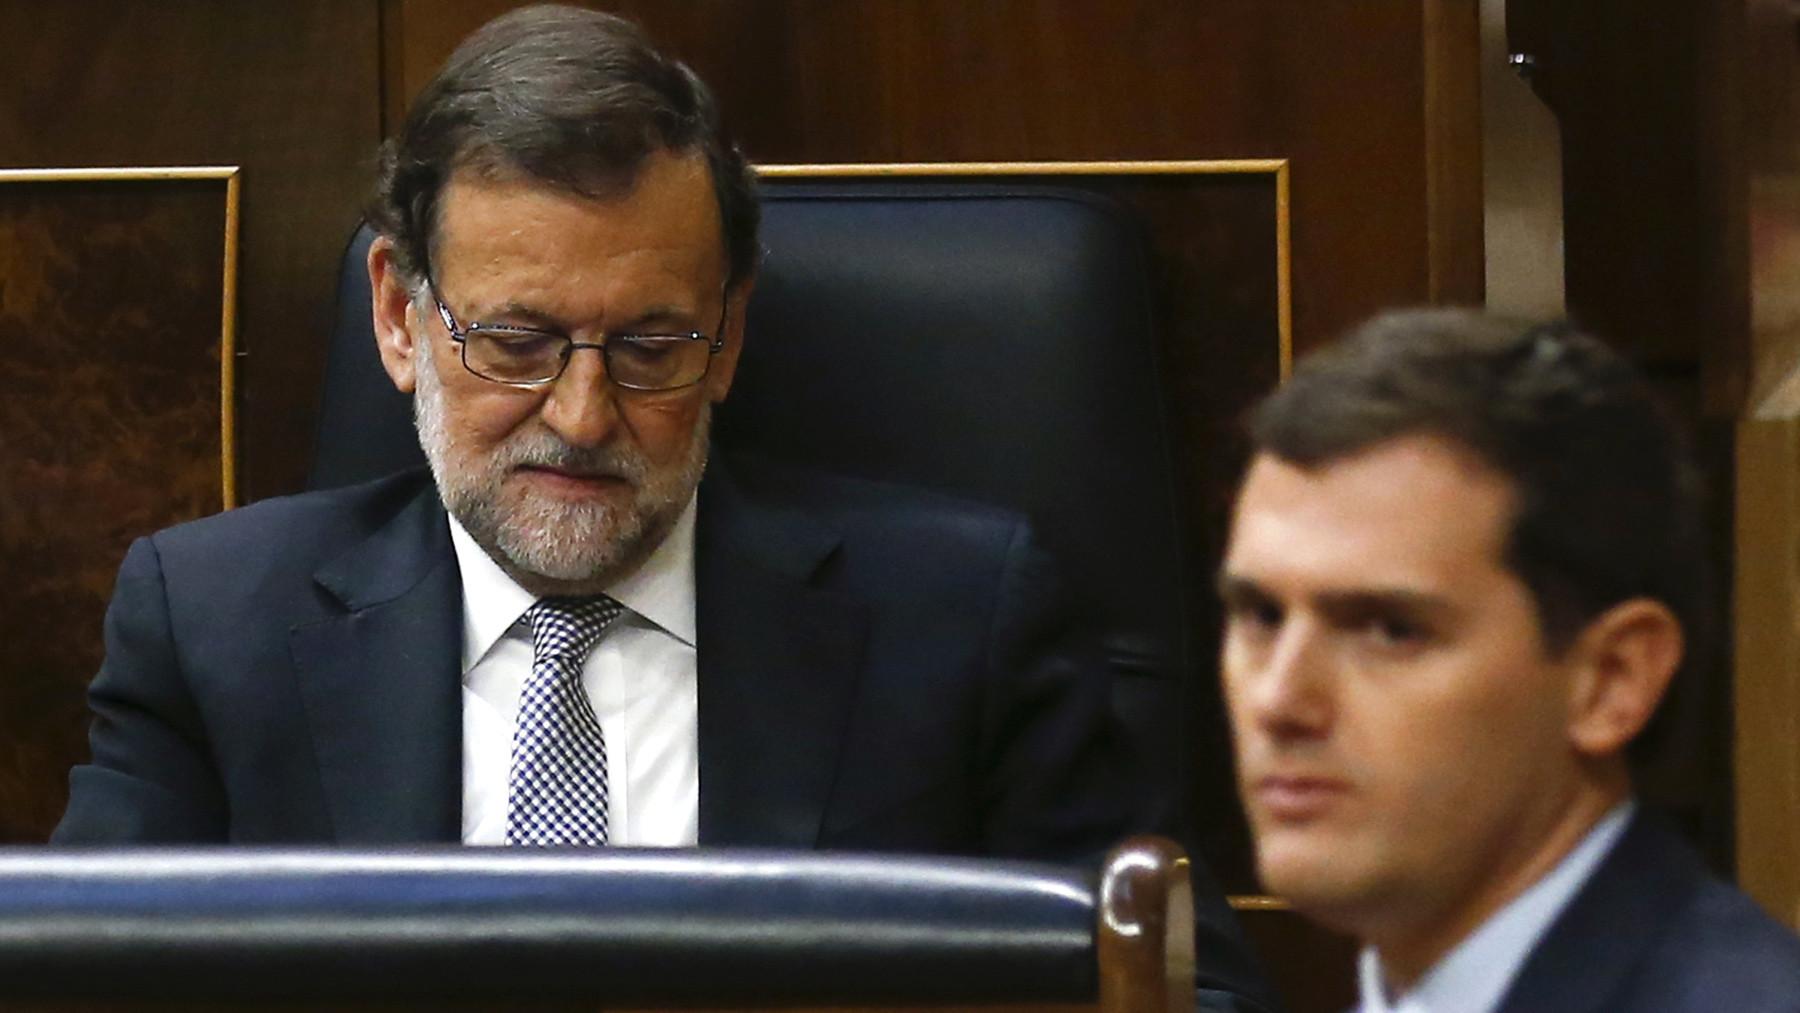 Elecciones en España: de Arabia Saudita y Turquía, mejor no hablamos